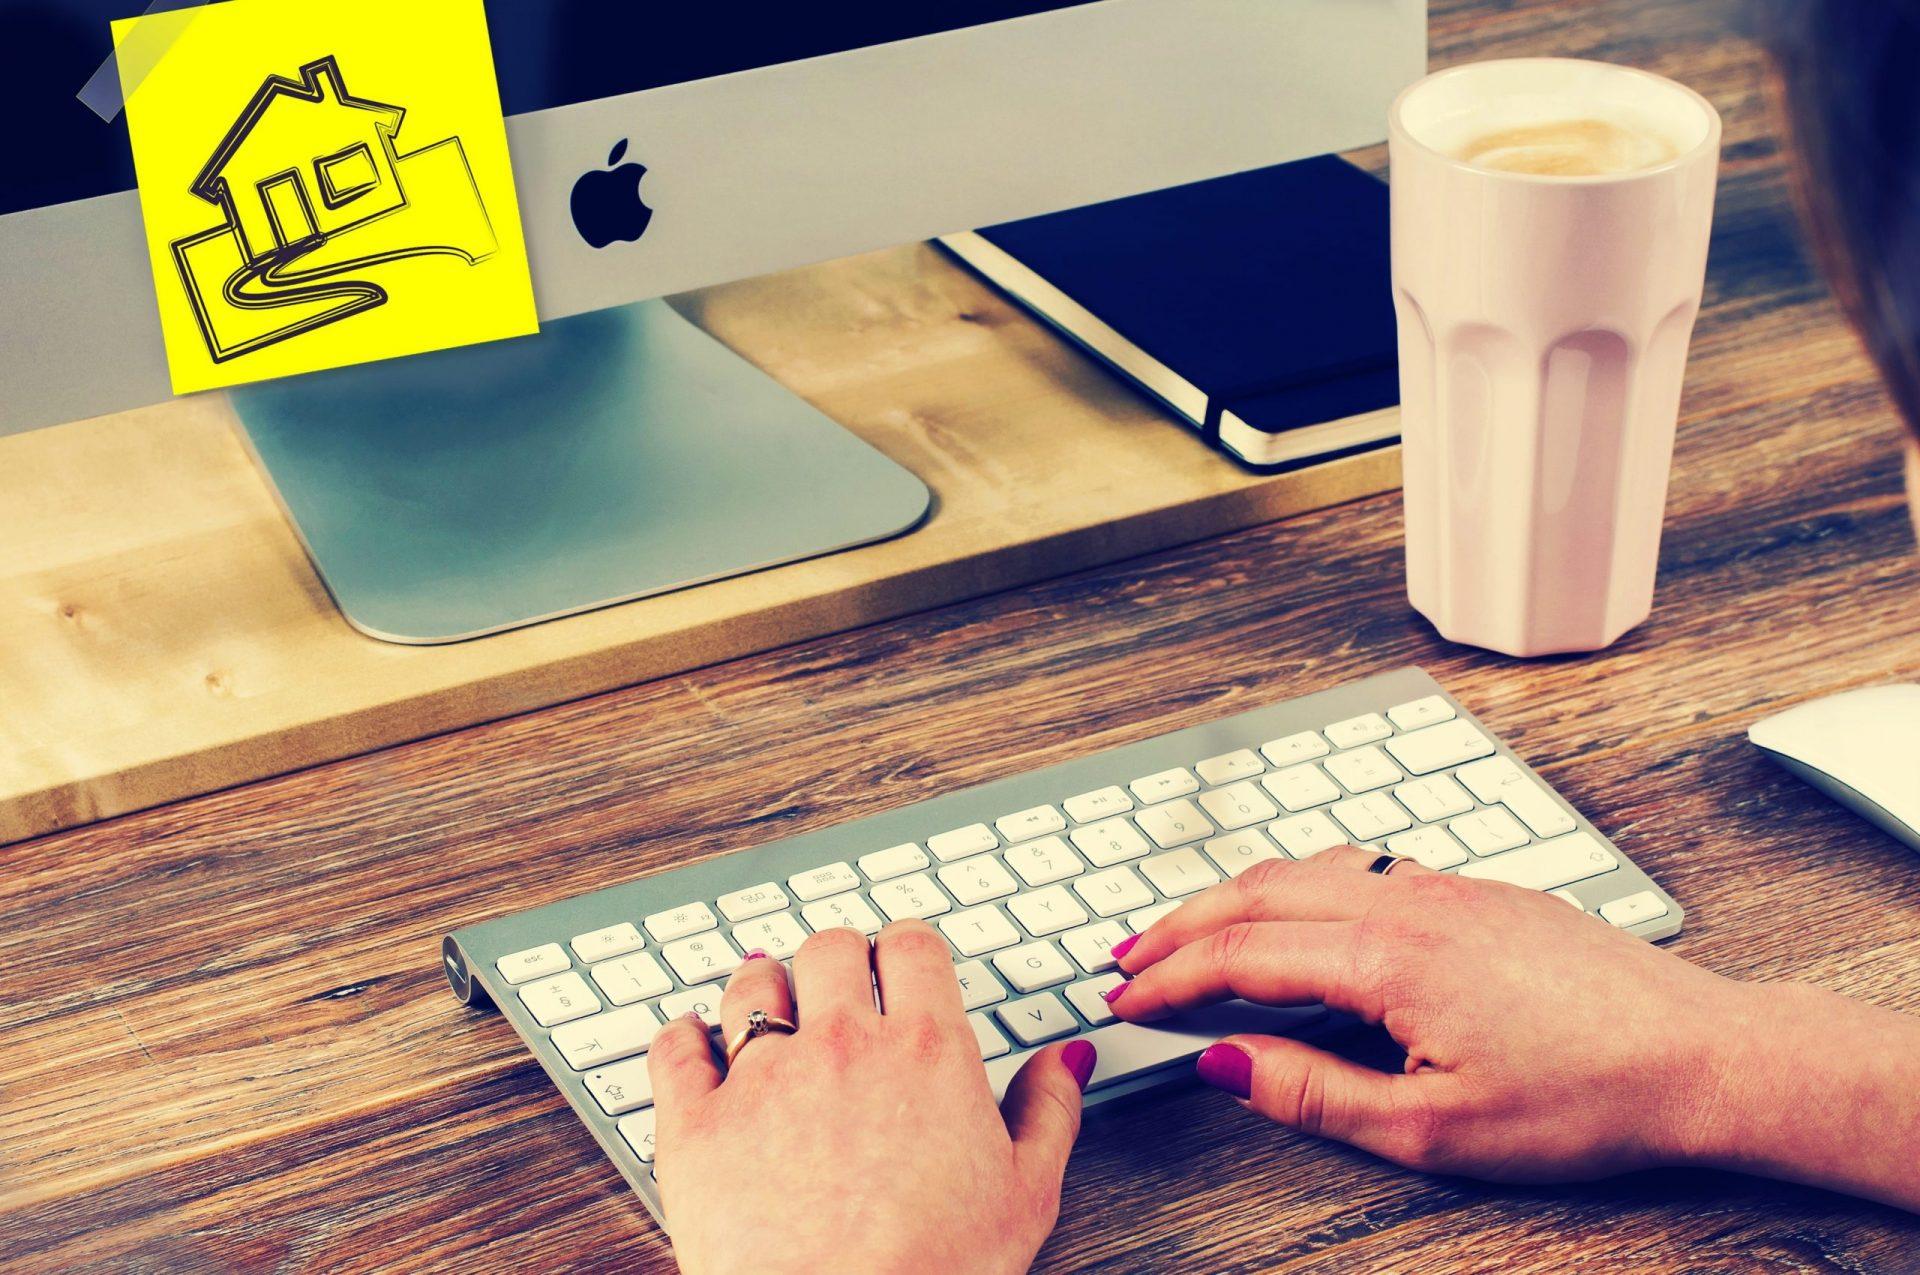 Una Assistente Virtuale per le Agenzie Immobiliari